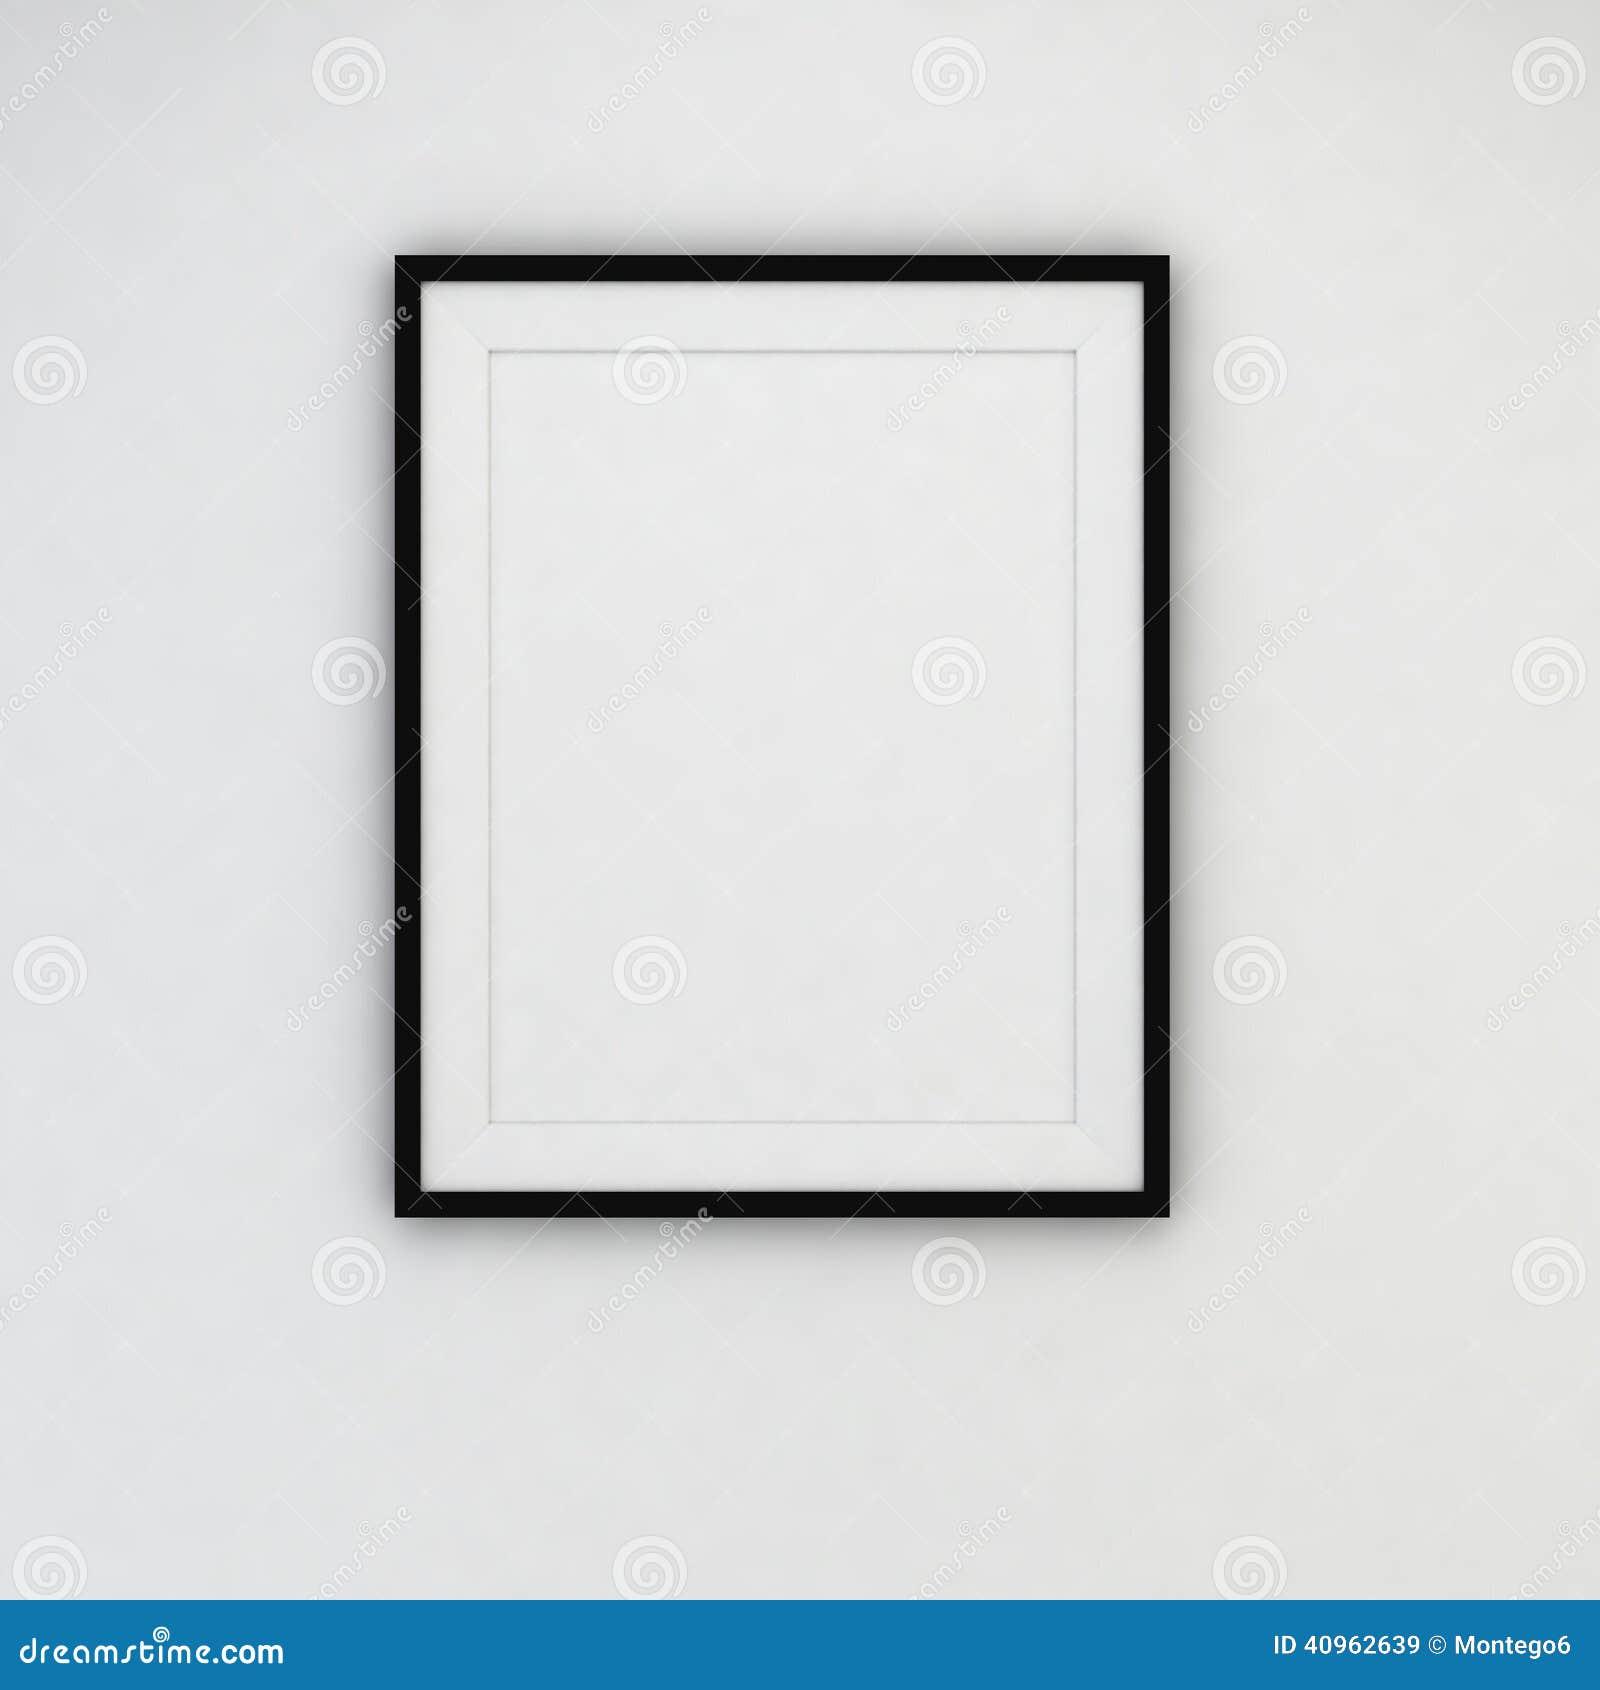 cadre moderne sur le mur illustration stock image 40962639. Black Bedroom Furniture Sets. Home Design Ideas